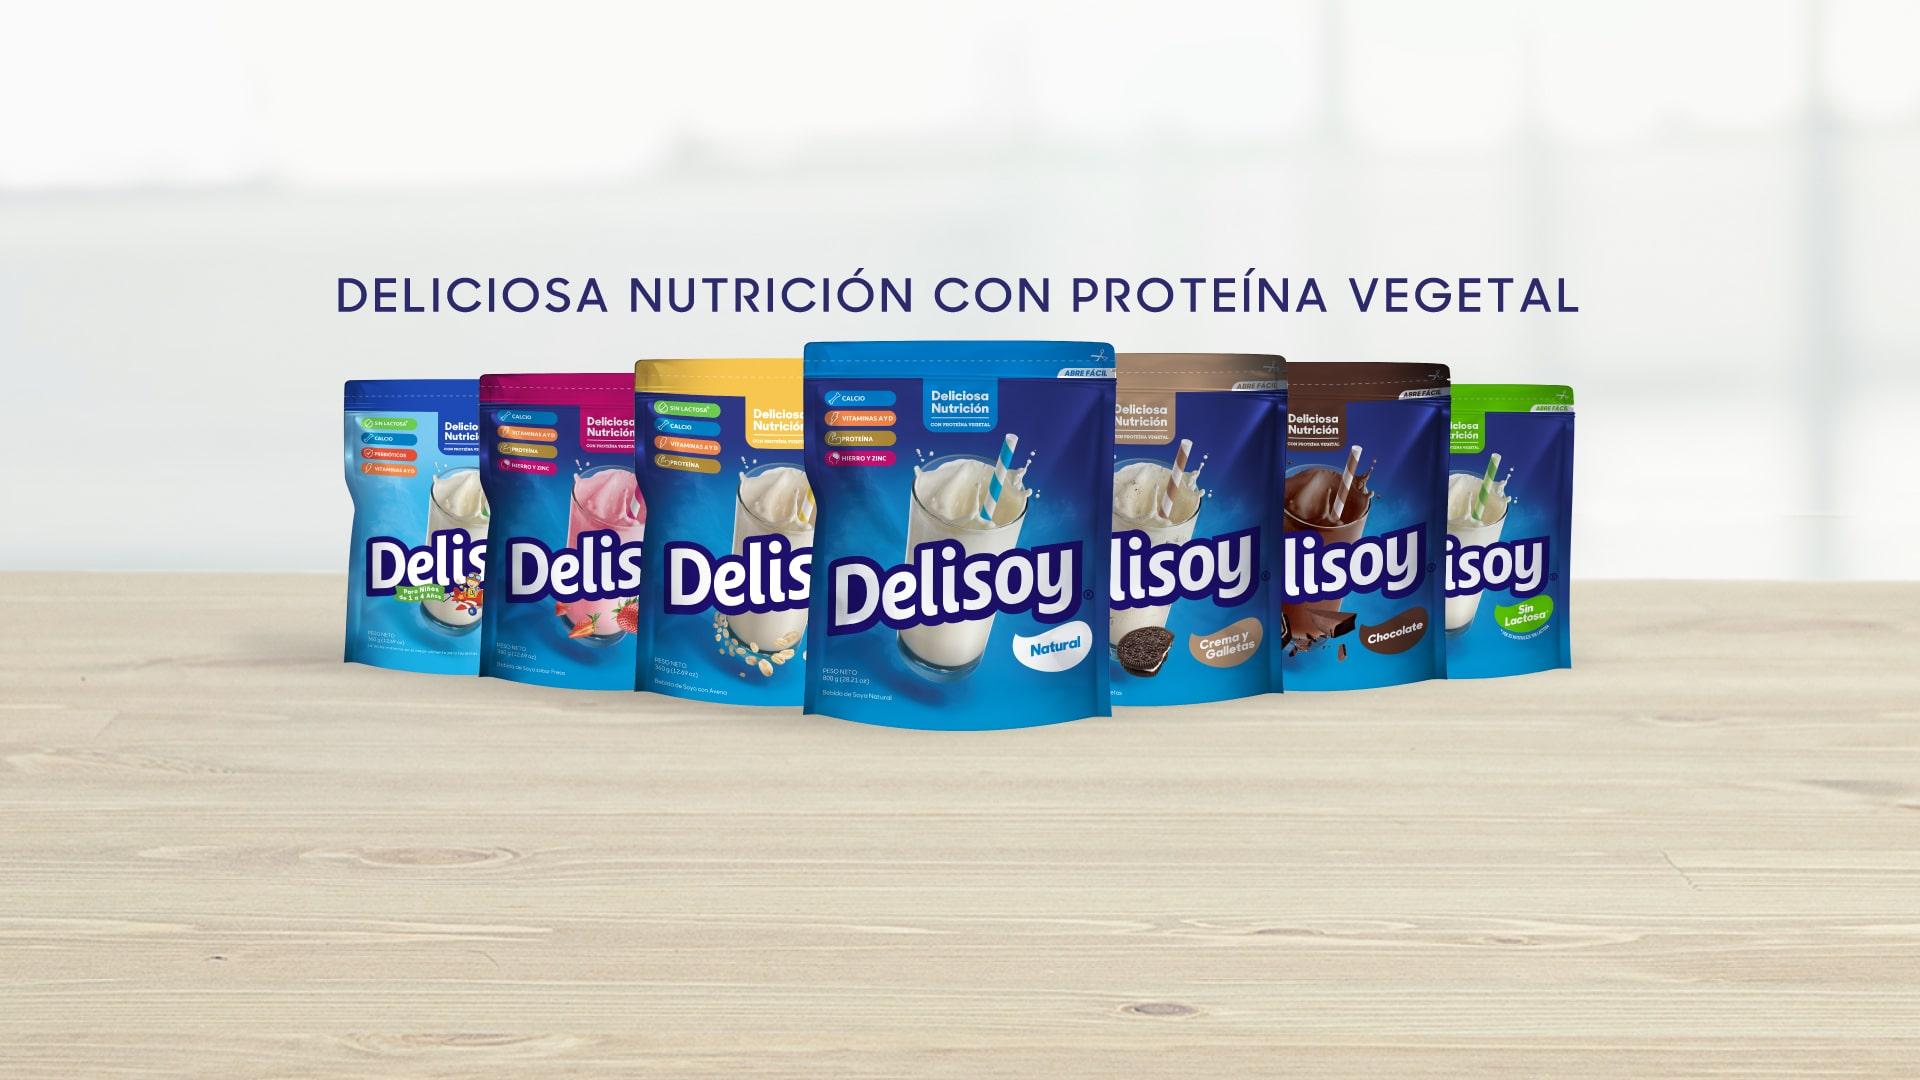 Deliciosa nutrición con proteína vegetal